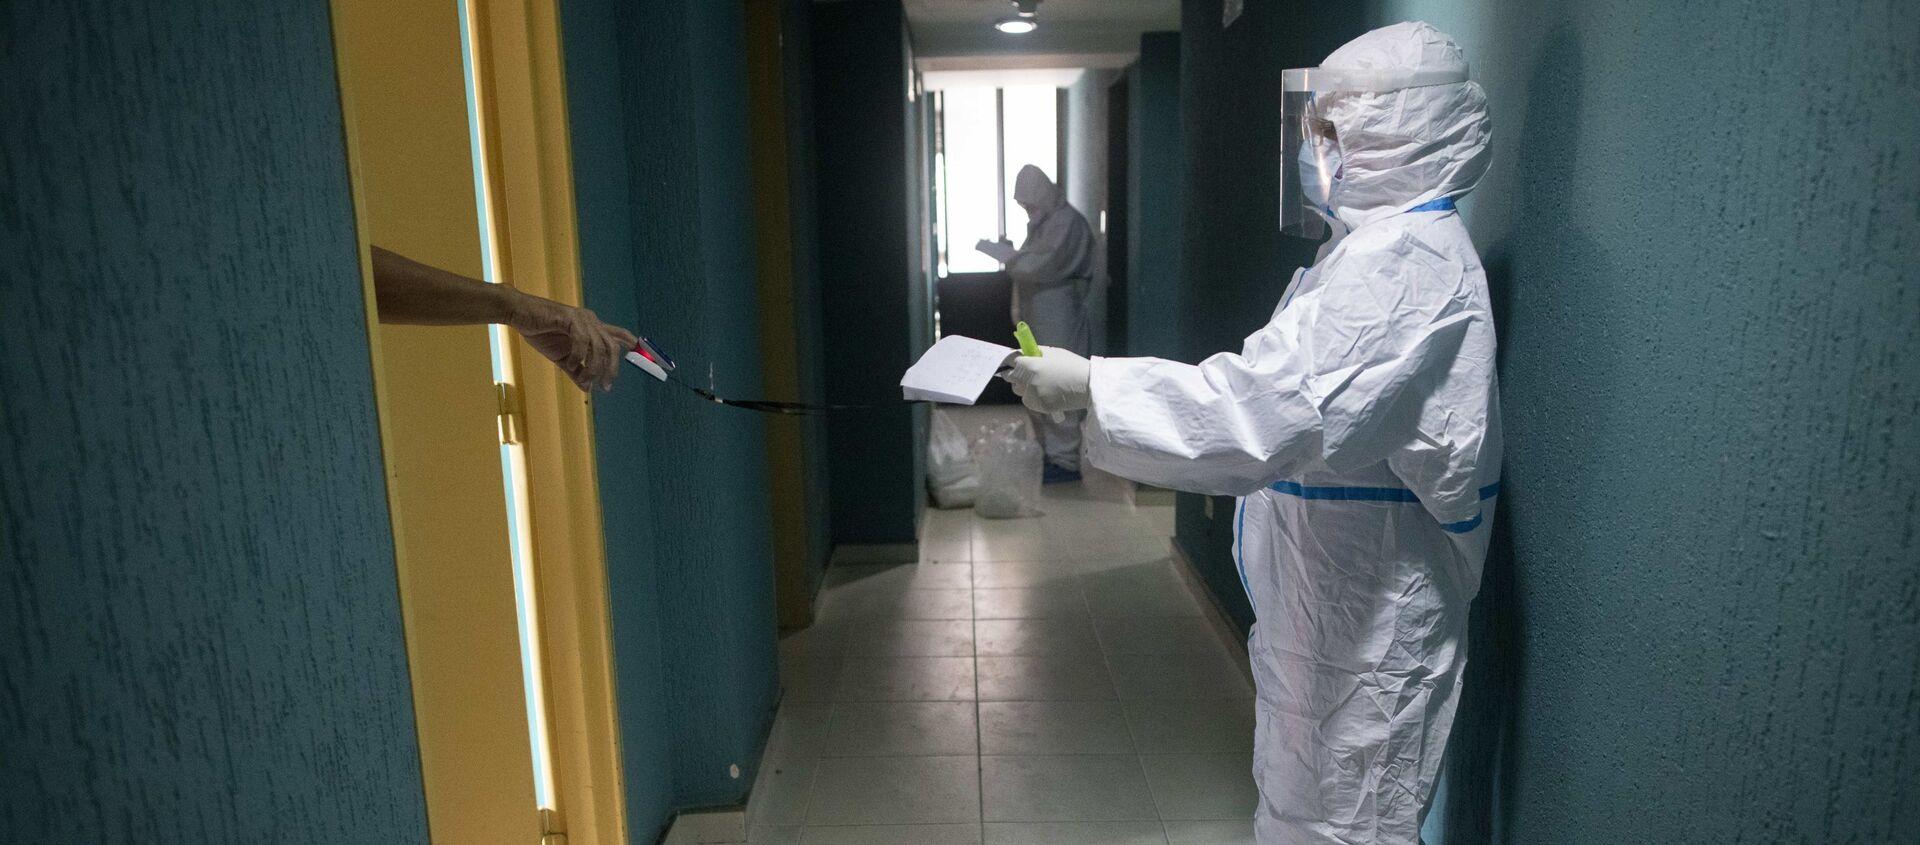 Эпидемия коронавируса - врачи в больнице проверяют зараженных COVID - Sputnik Грузия, 1920, 12.07.2021